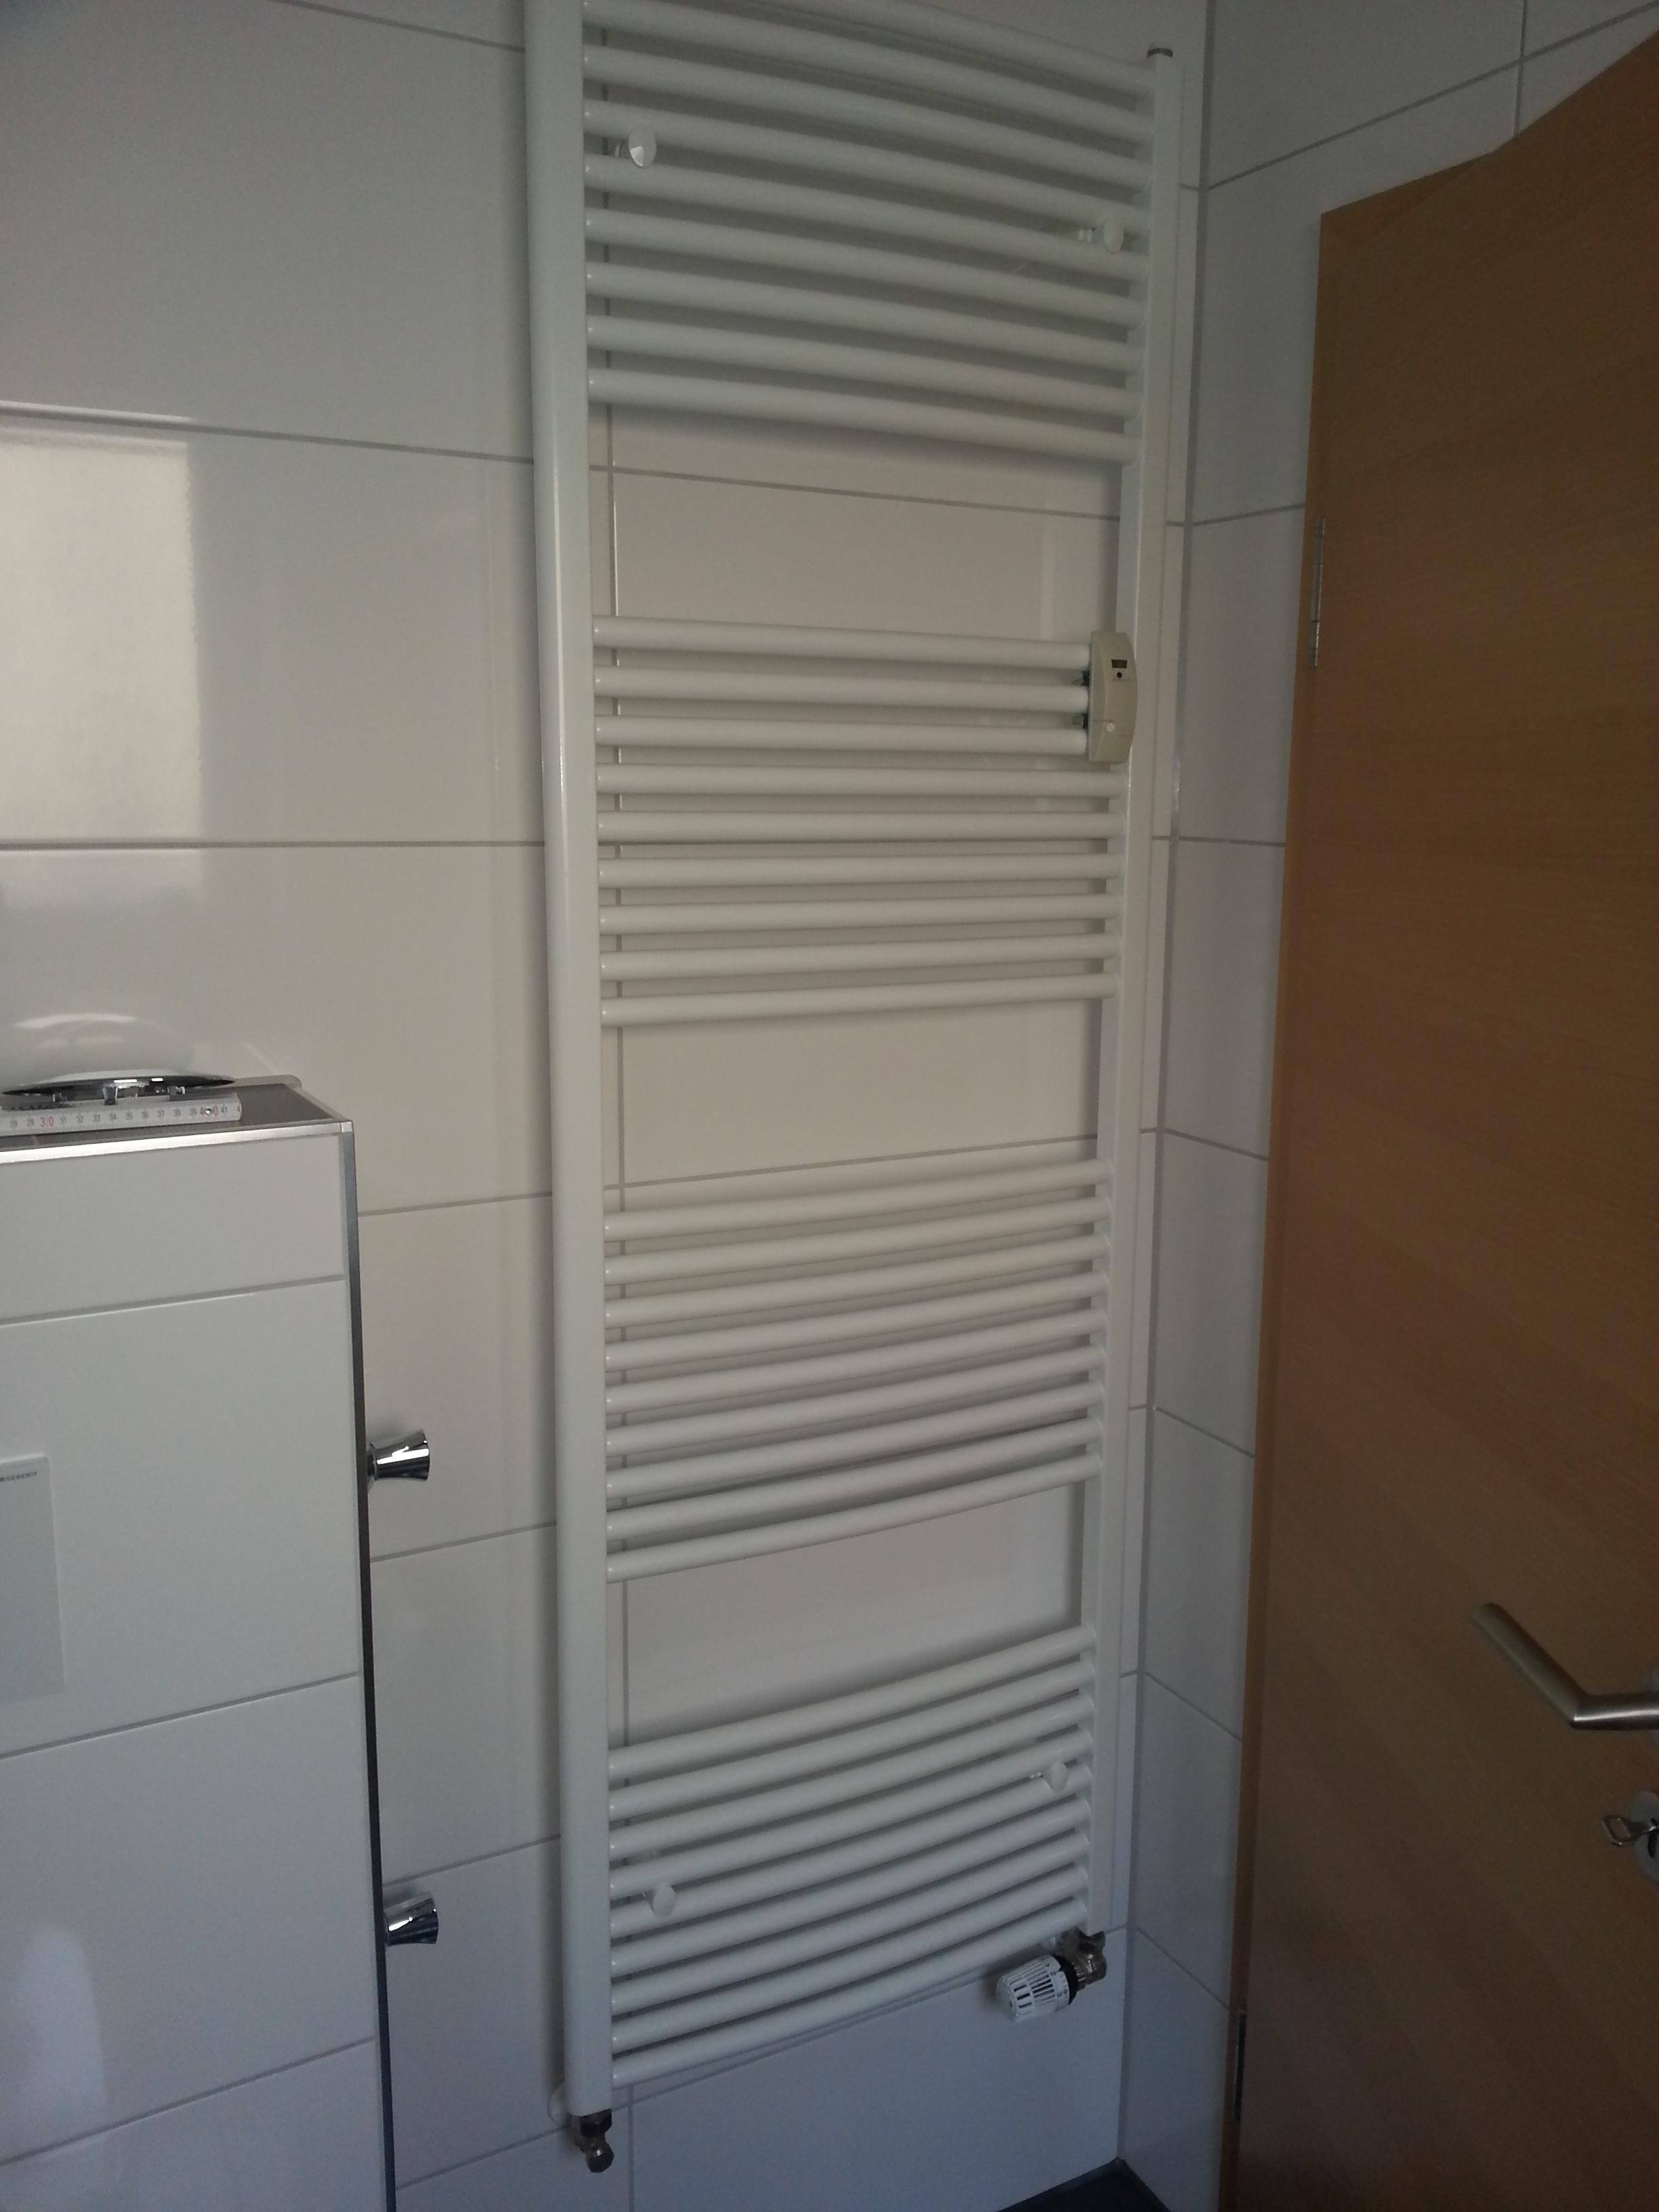 heizung sanit r raumsparwanne badewanne f r kleine b der. Black Bedroom Furniture Sets. Home Design Ideas